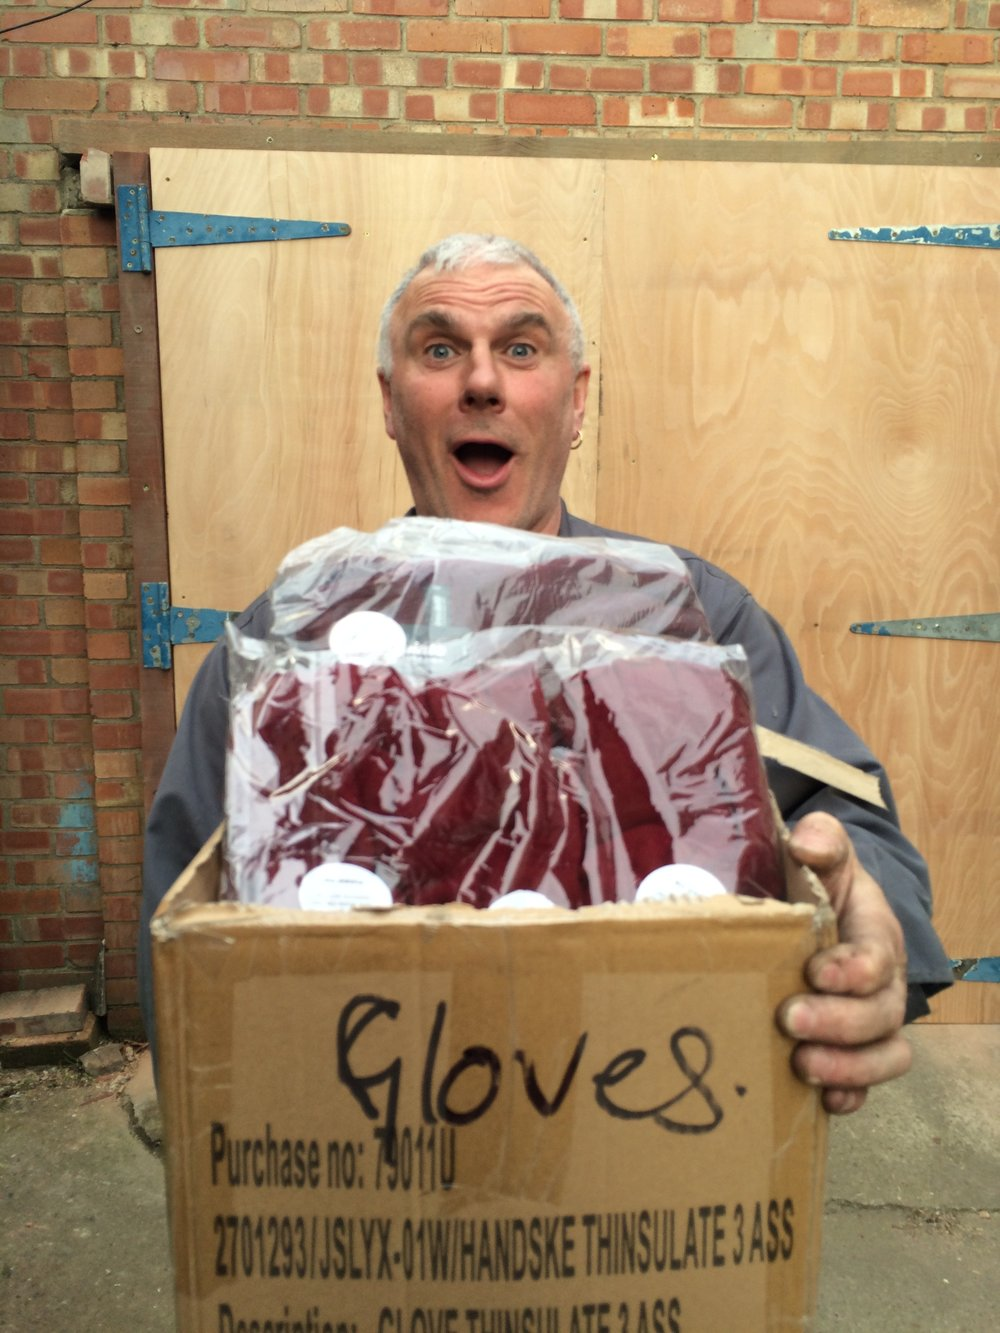 Tiger gloves Eddie.JPG